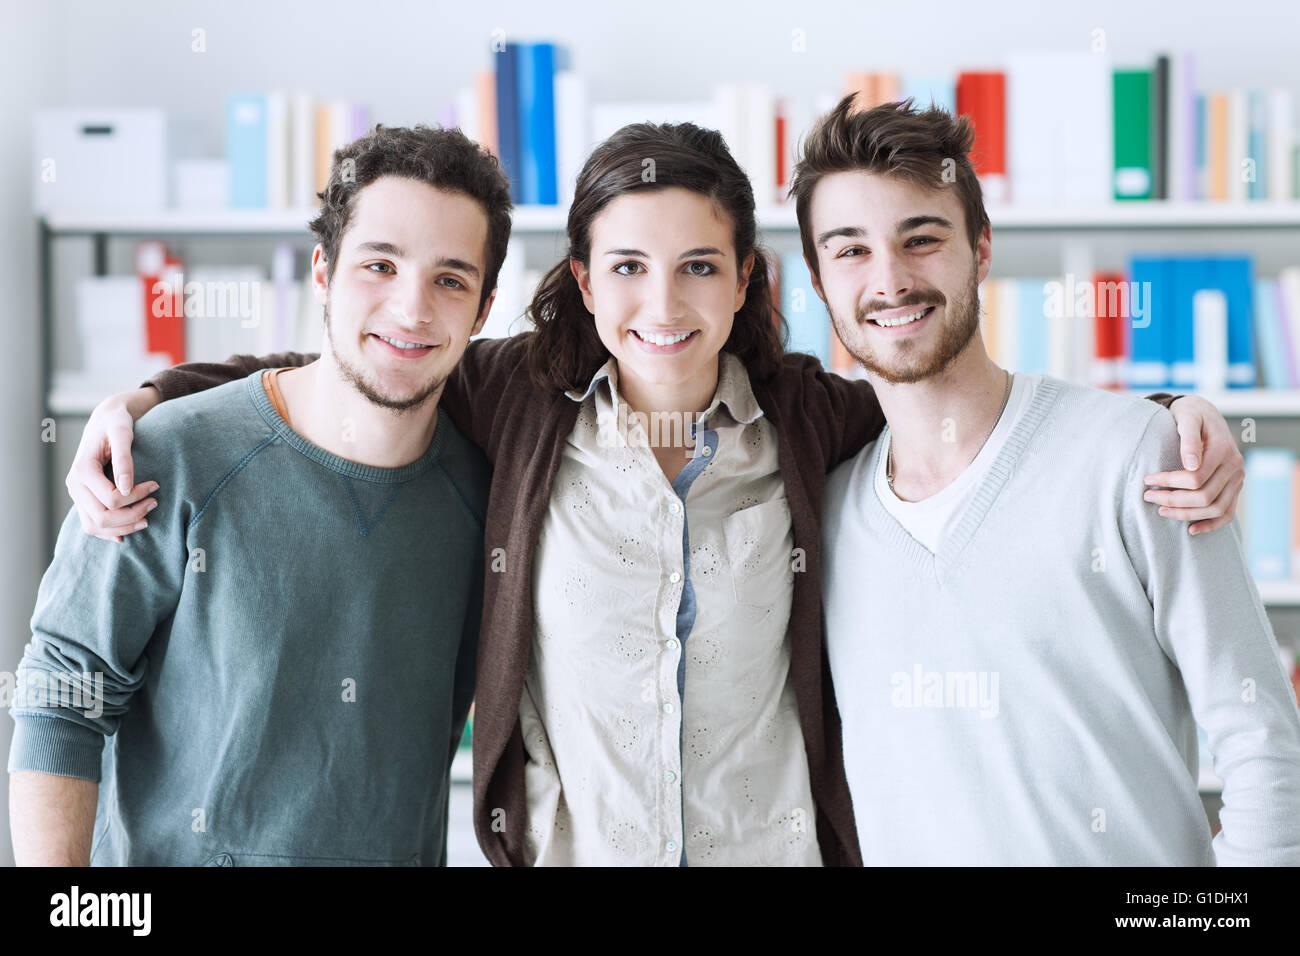 Adolescente en la biblioteca de amigos posando juntos y abrazarse, la juventud y la amistad concepto Imagen De Stock